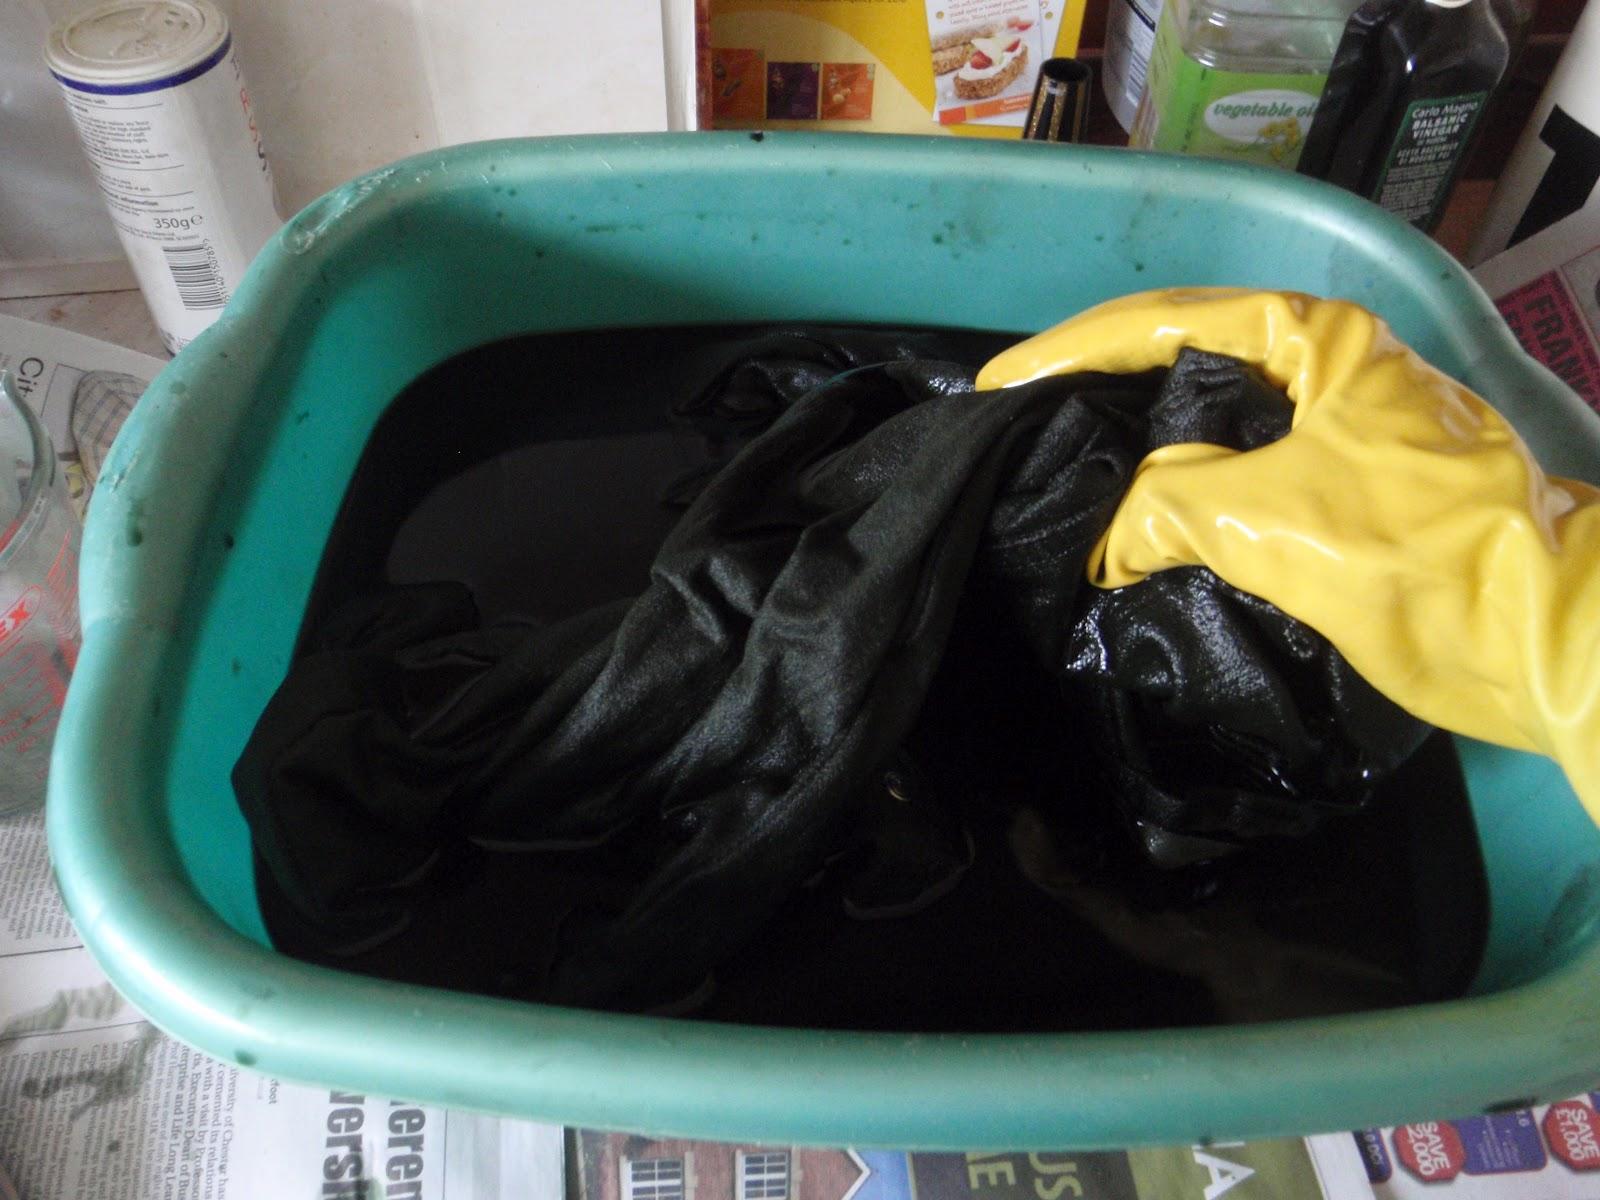 Dye Black Jeans Darker